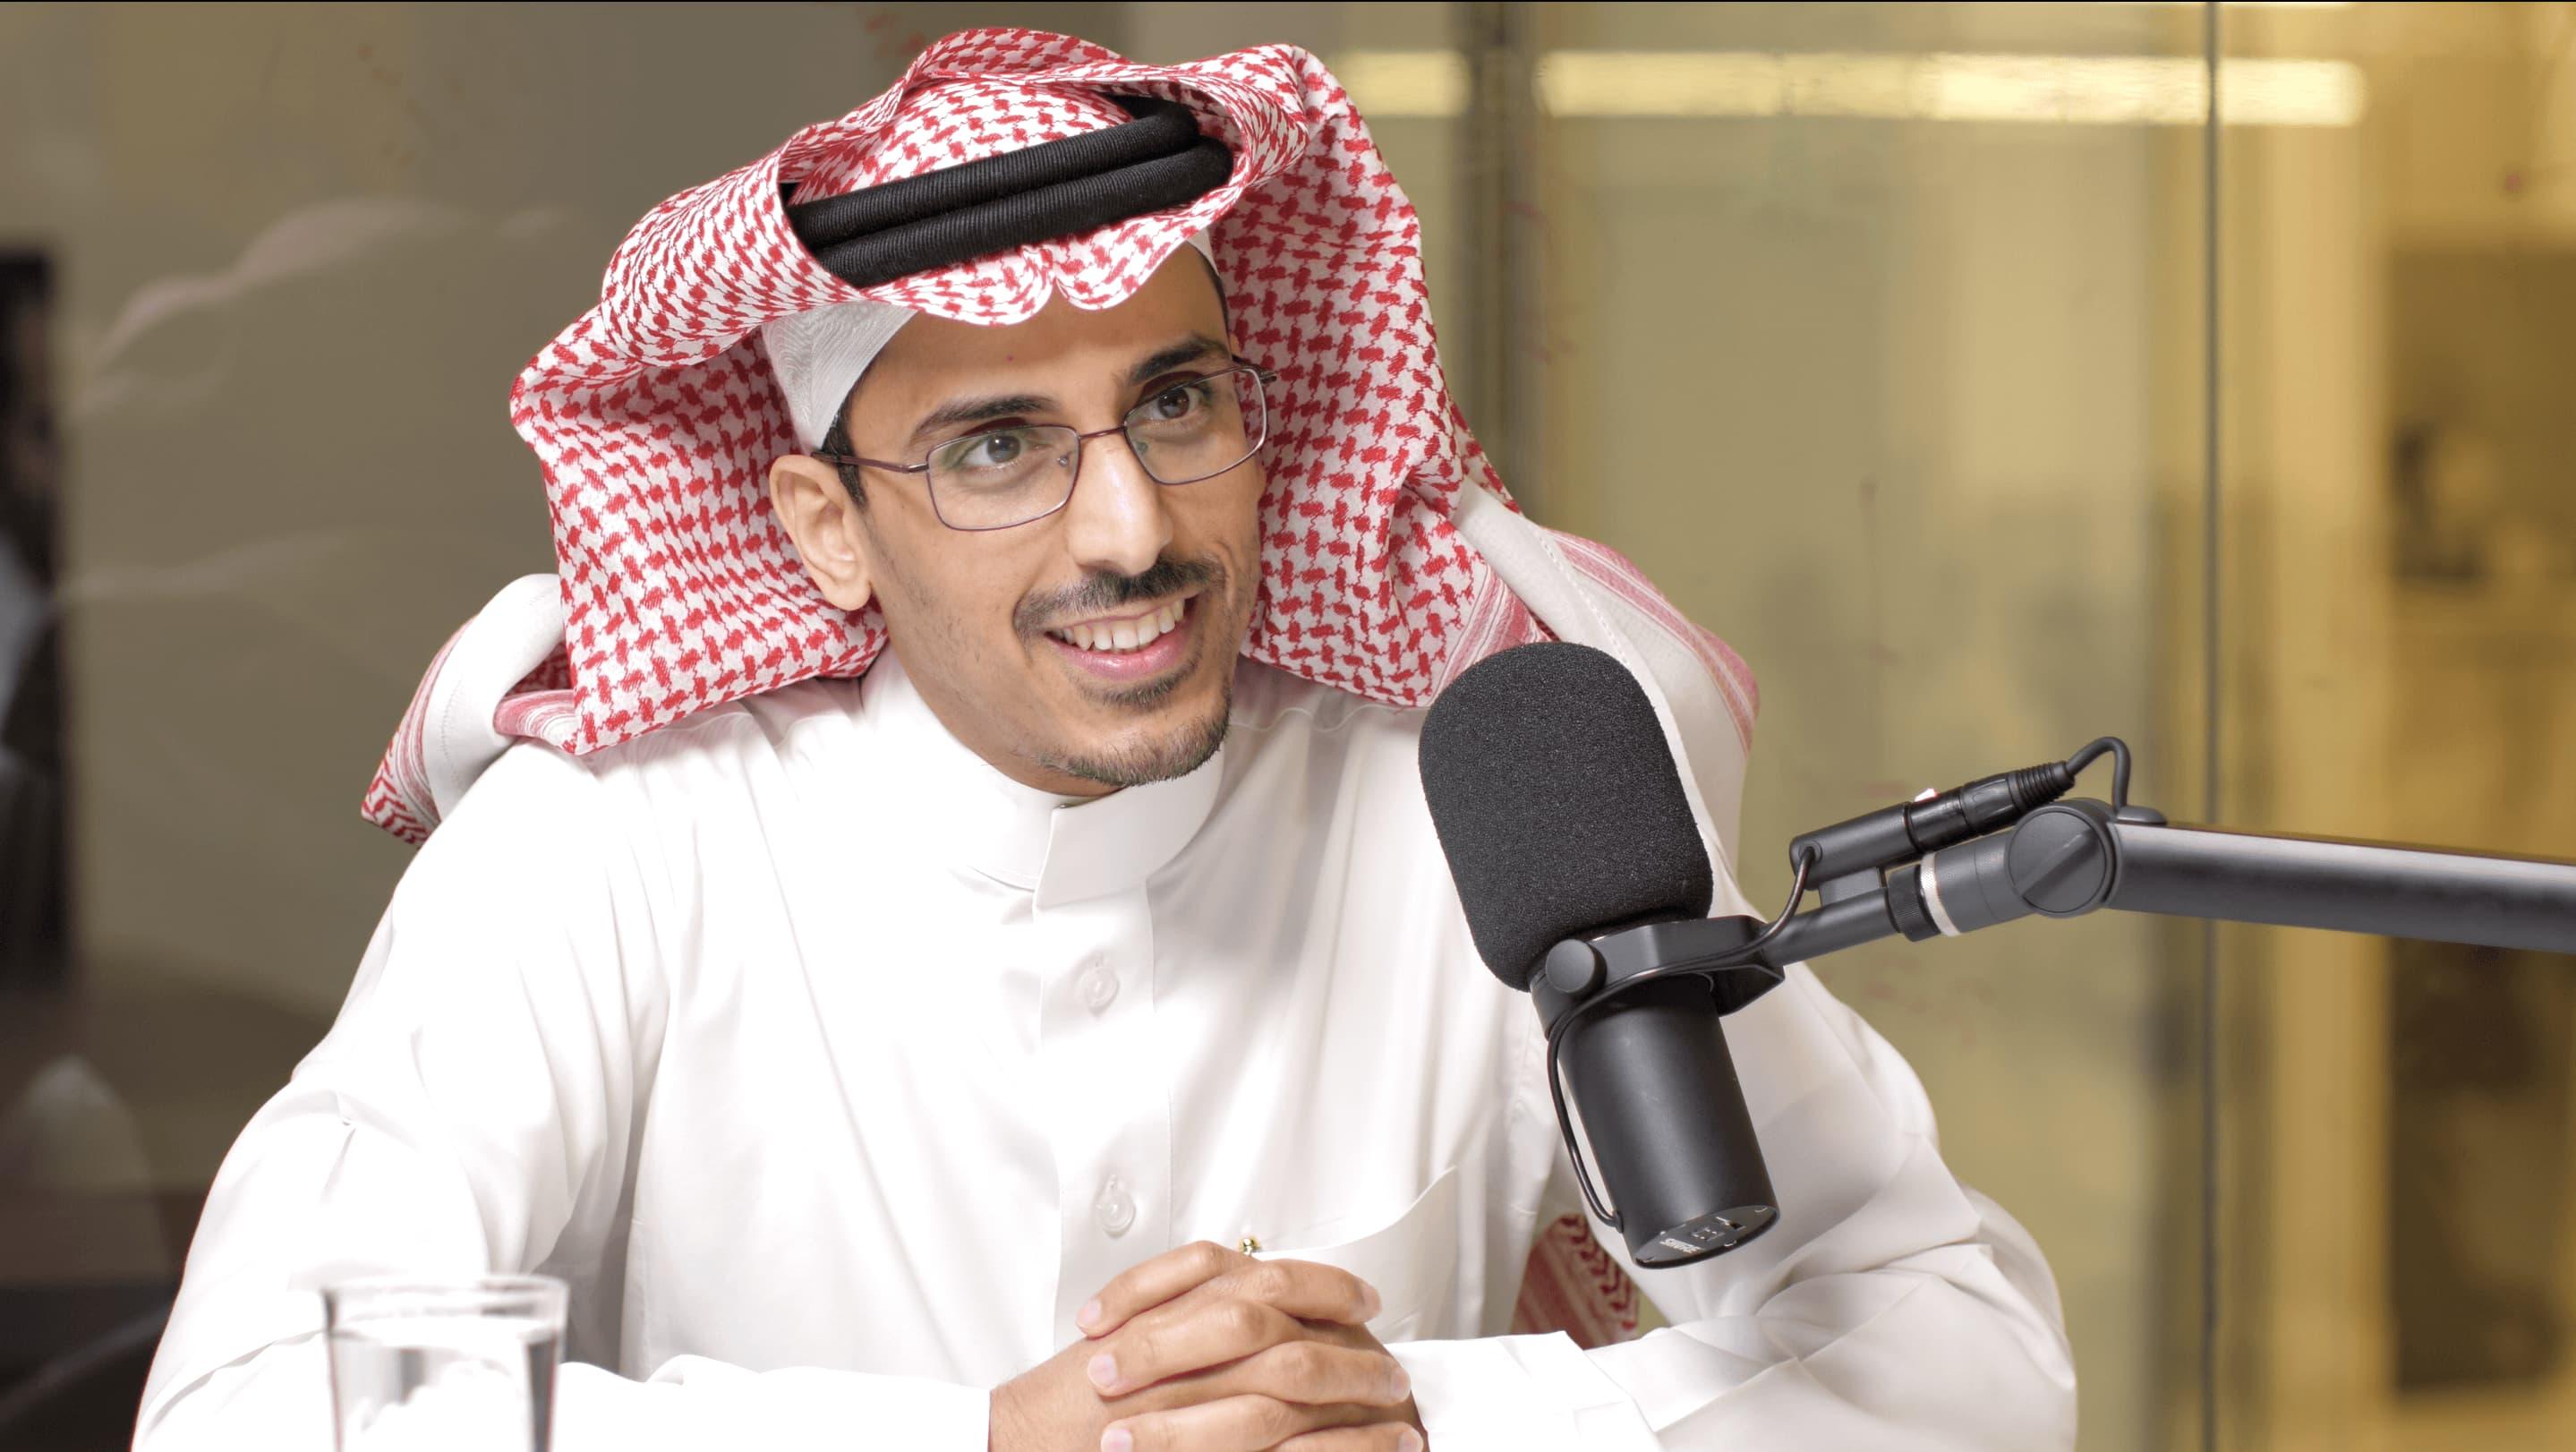 هل نجح العاصوف في توثيق المجتمع السعودي ؟